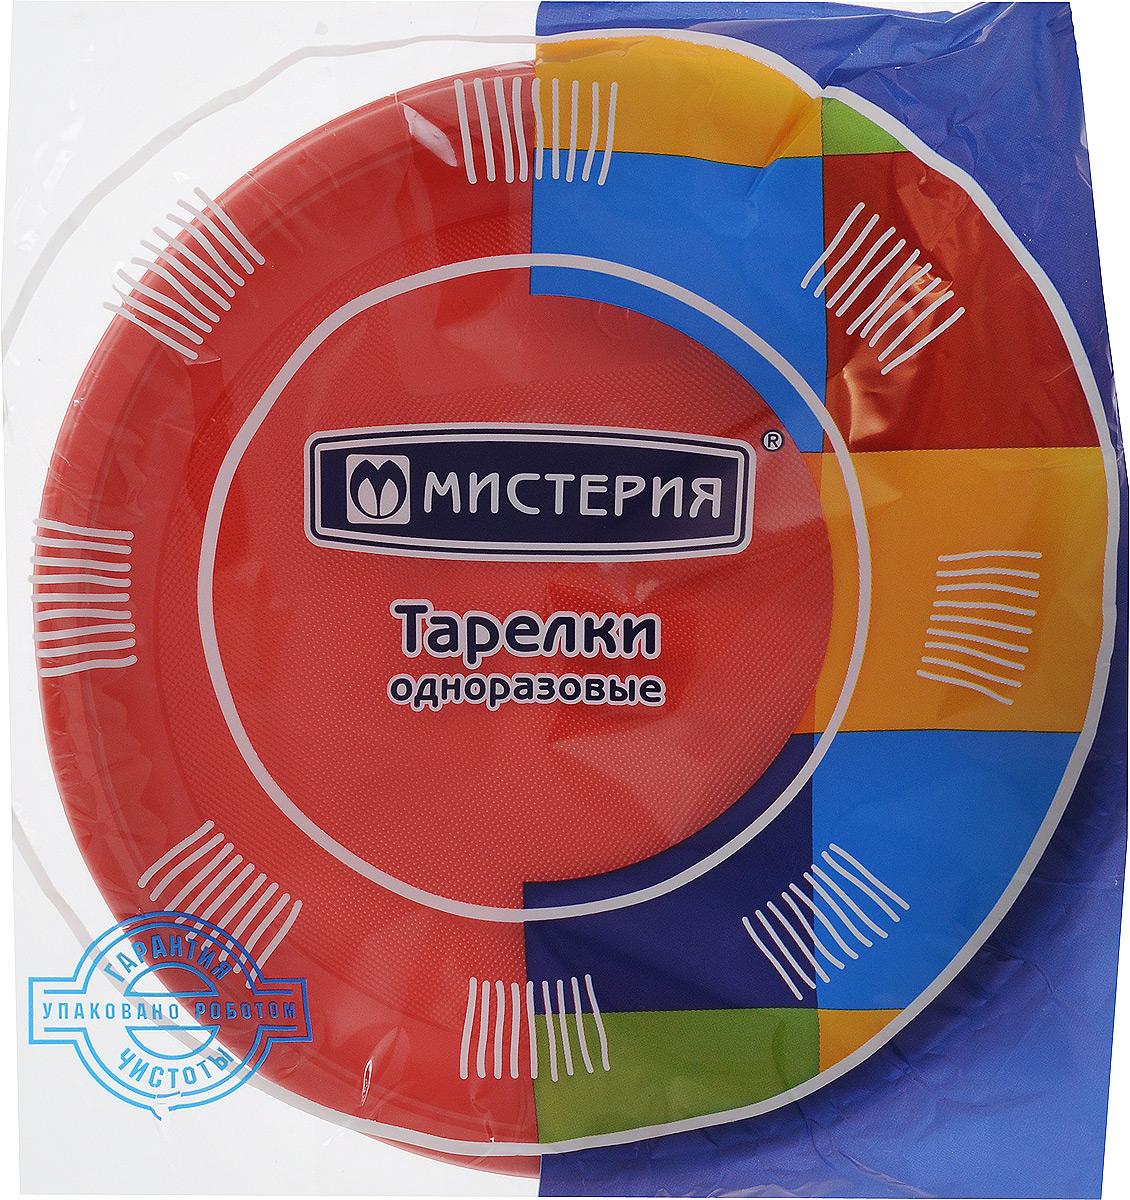 Набор одноразовых тарелок Мистерия, цвет: красный, диаметр 21 см, 12 шт183240Набор Мистерия состоит из 12 круглых тарелок, выполненных из полистирола и предназначенных для одноразового использования. Подходят для холодных и горячих пищевых продуктов.Одноразовые тарелки будут незаменимы при поездках на природу, пикниках и других мероприятиях. Они не займут много места, легки и самое главное - после использования их не надо мыть.Диаметр тарелки: 21 см.Высота тарелки: 1,5 см.